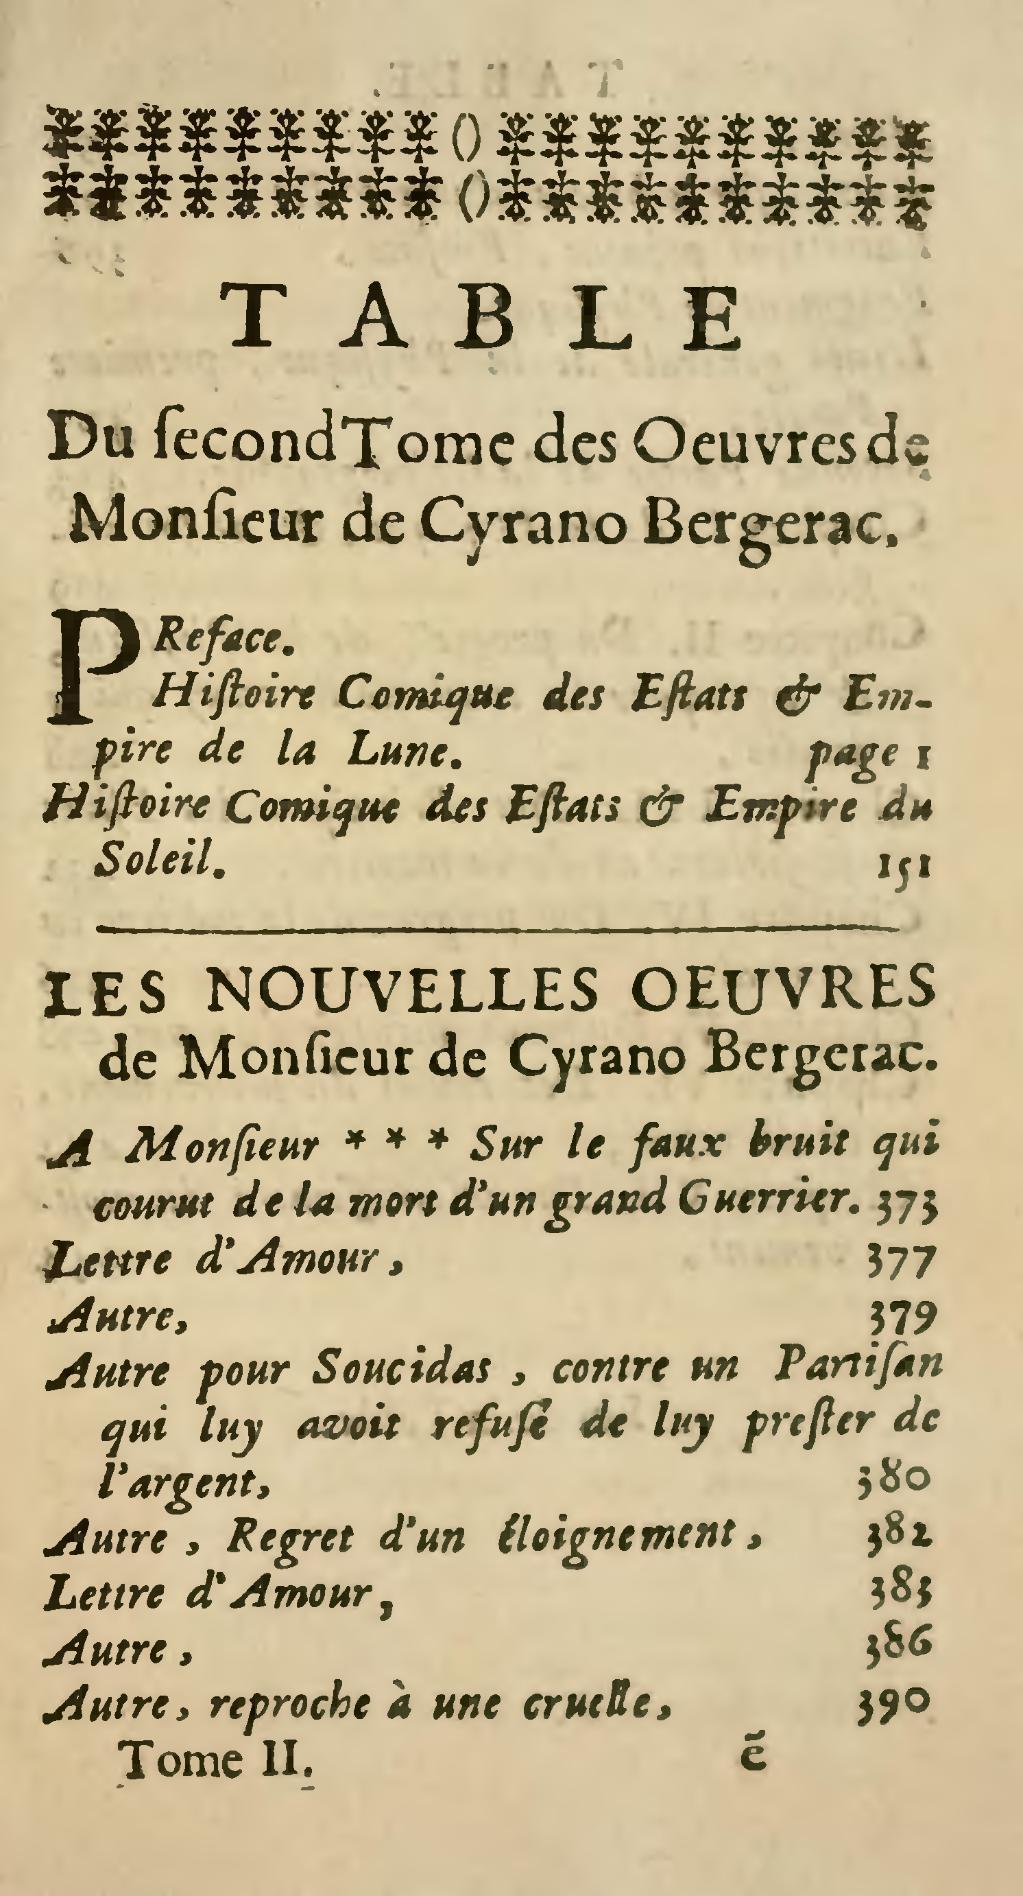 Pagecyrano De Bergerac œuvres 1676 Volume 2djvu489